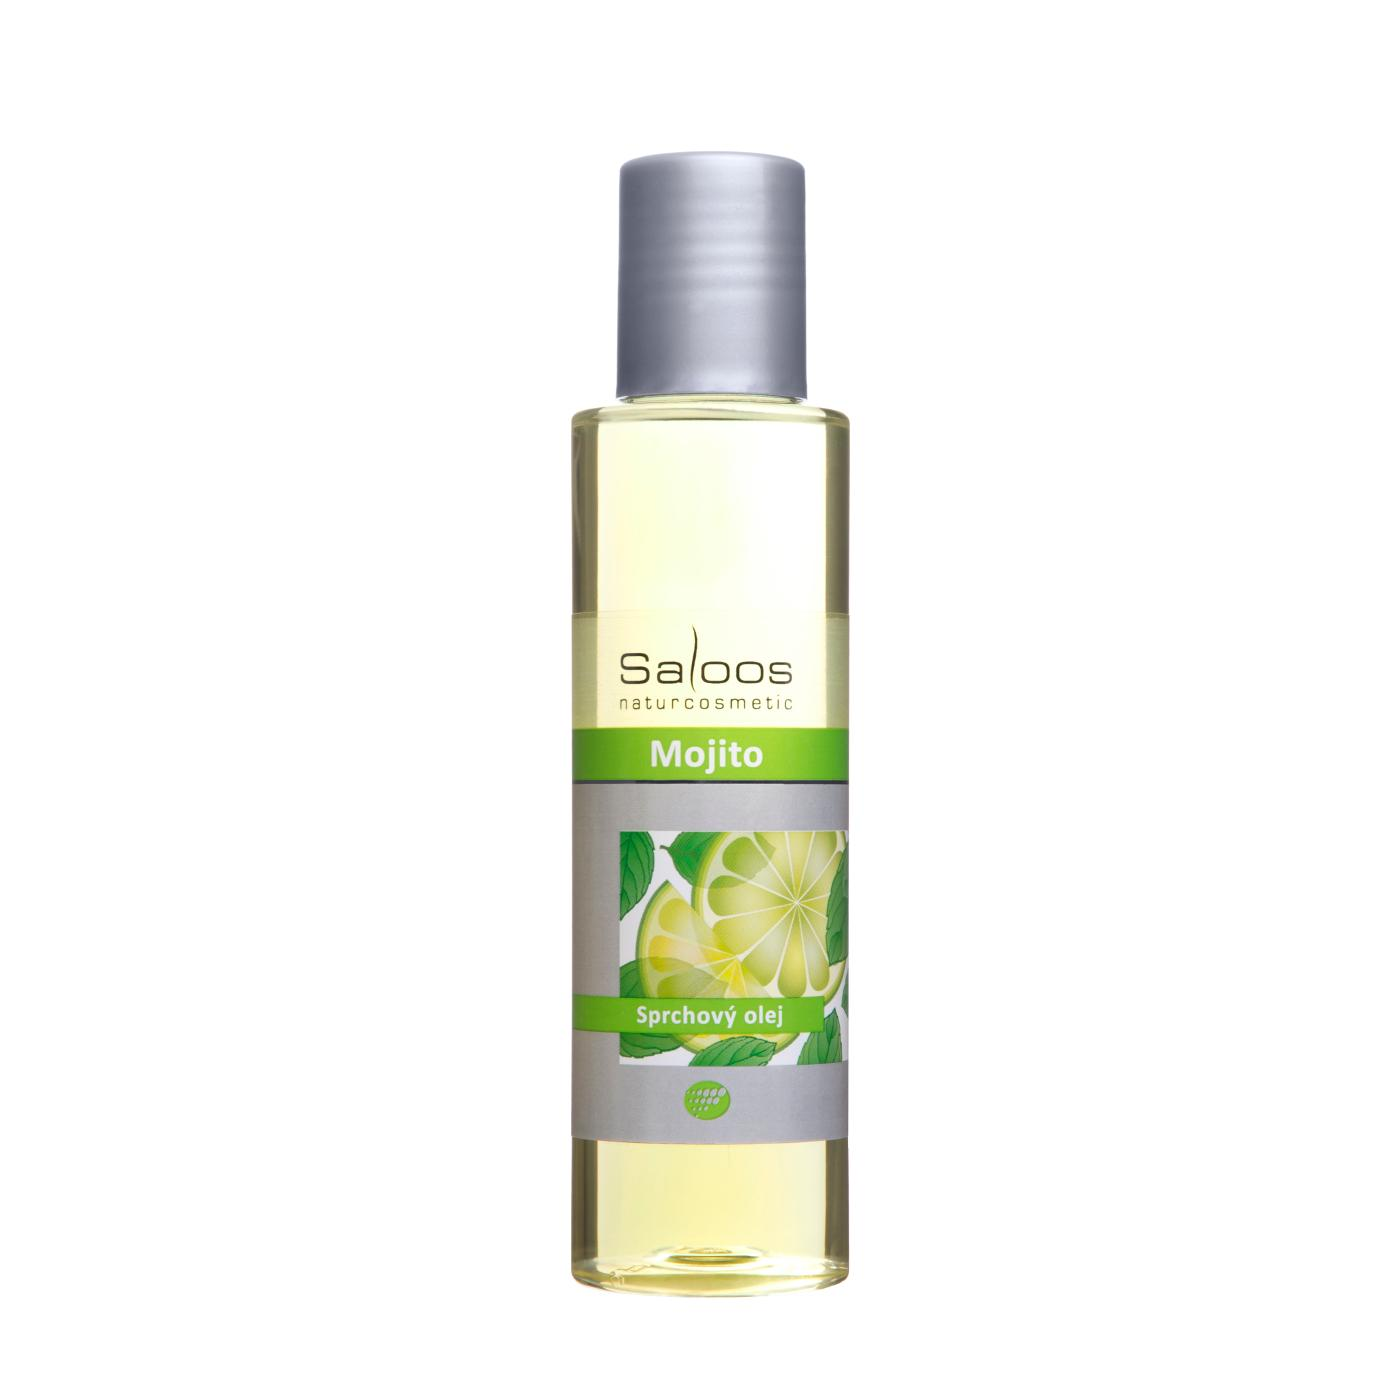 Saloos Sprchový olej mojito 125 ml